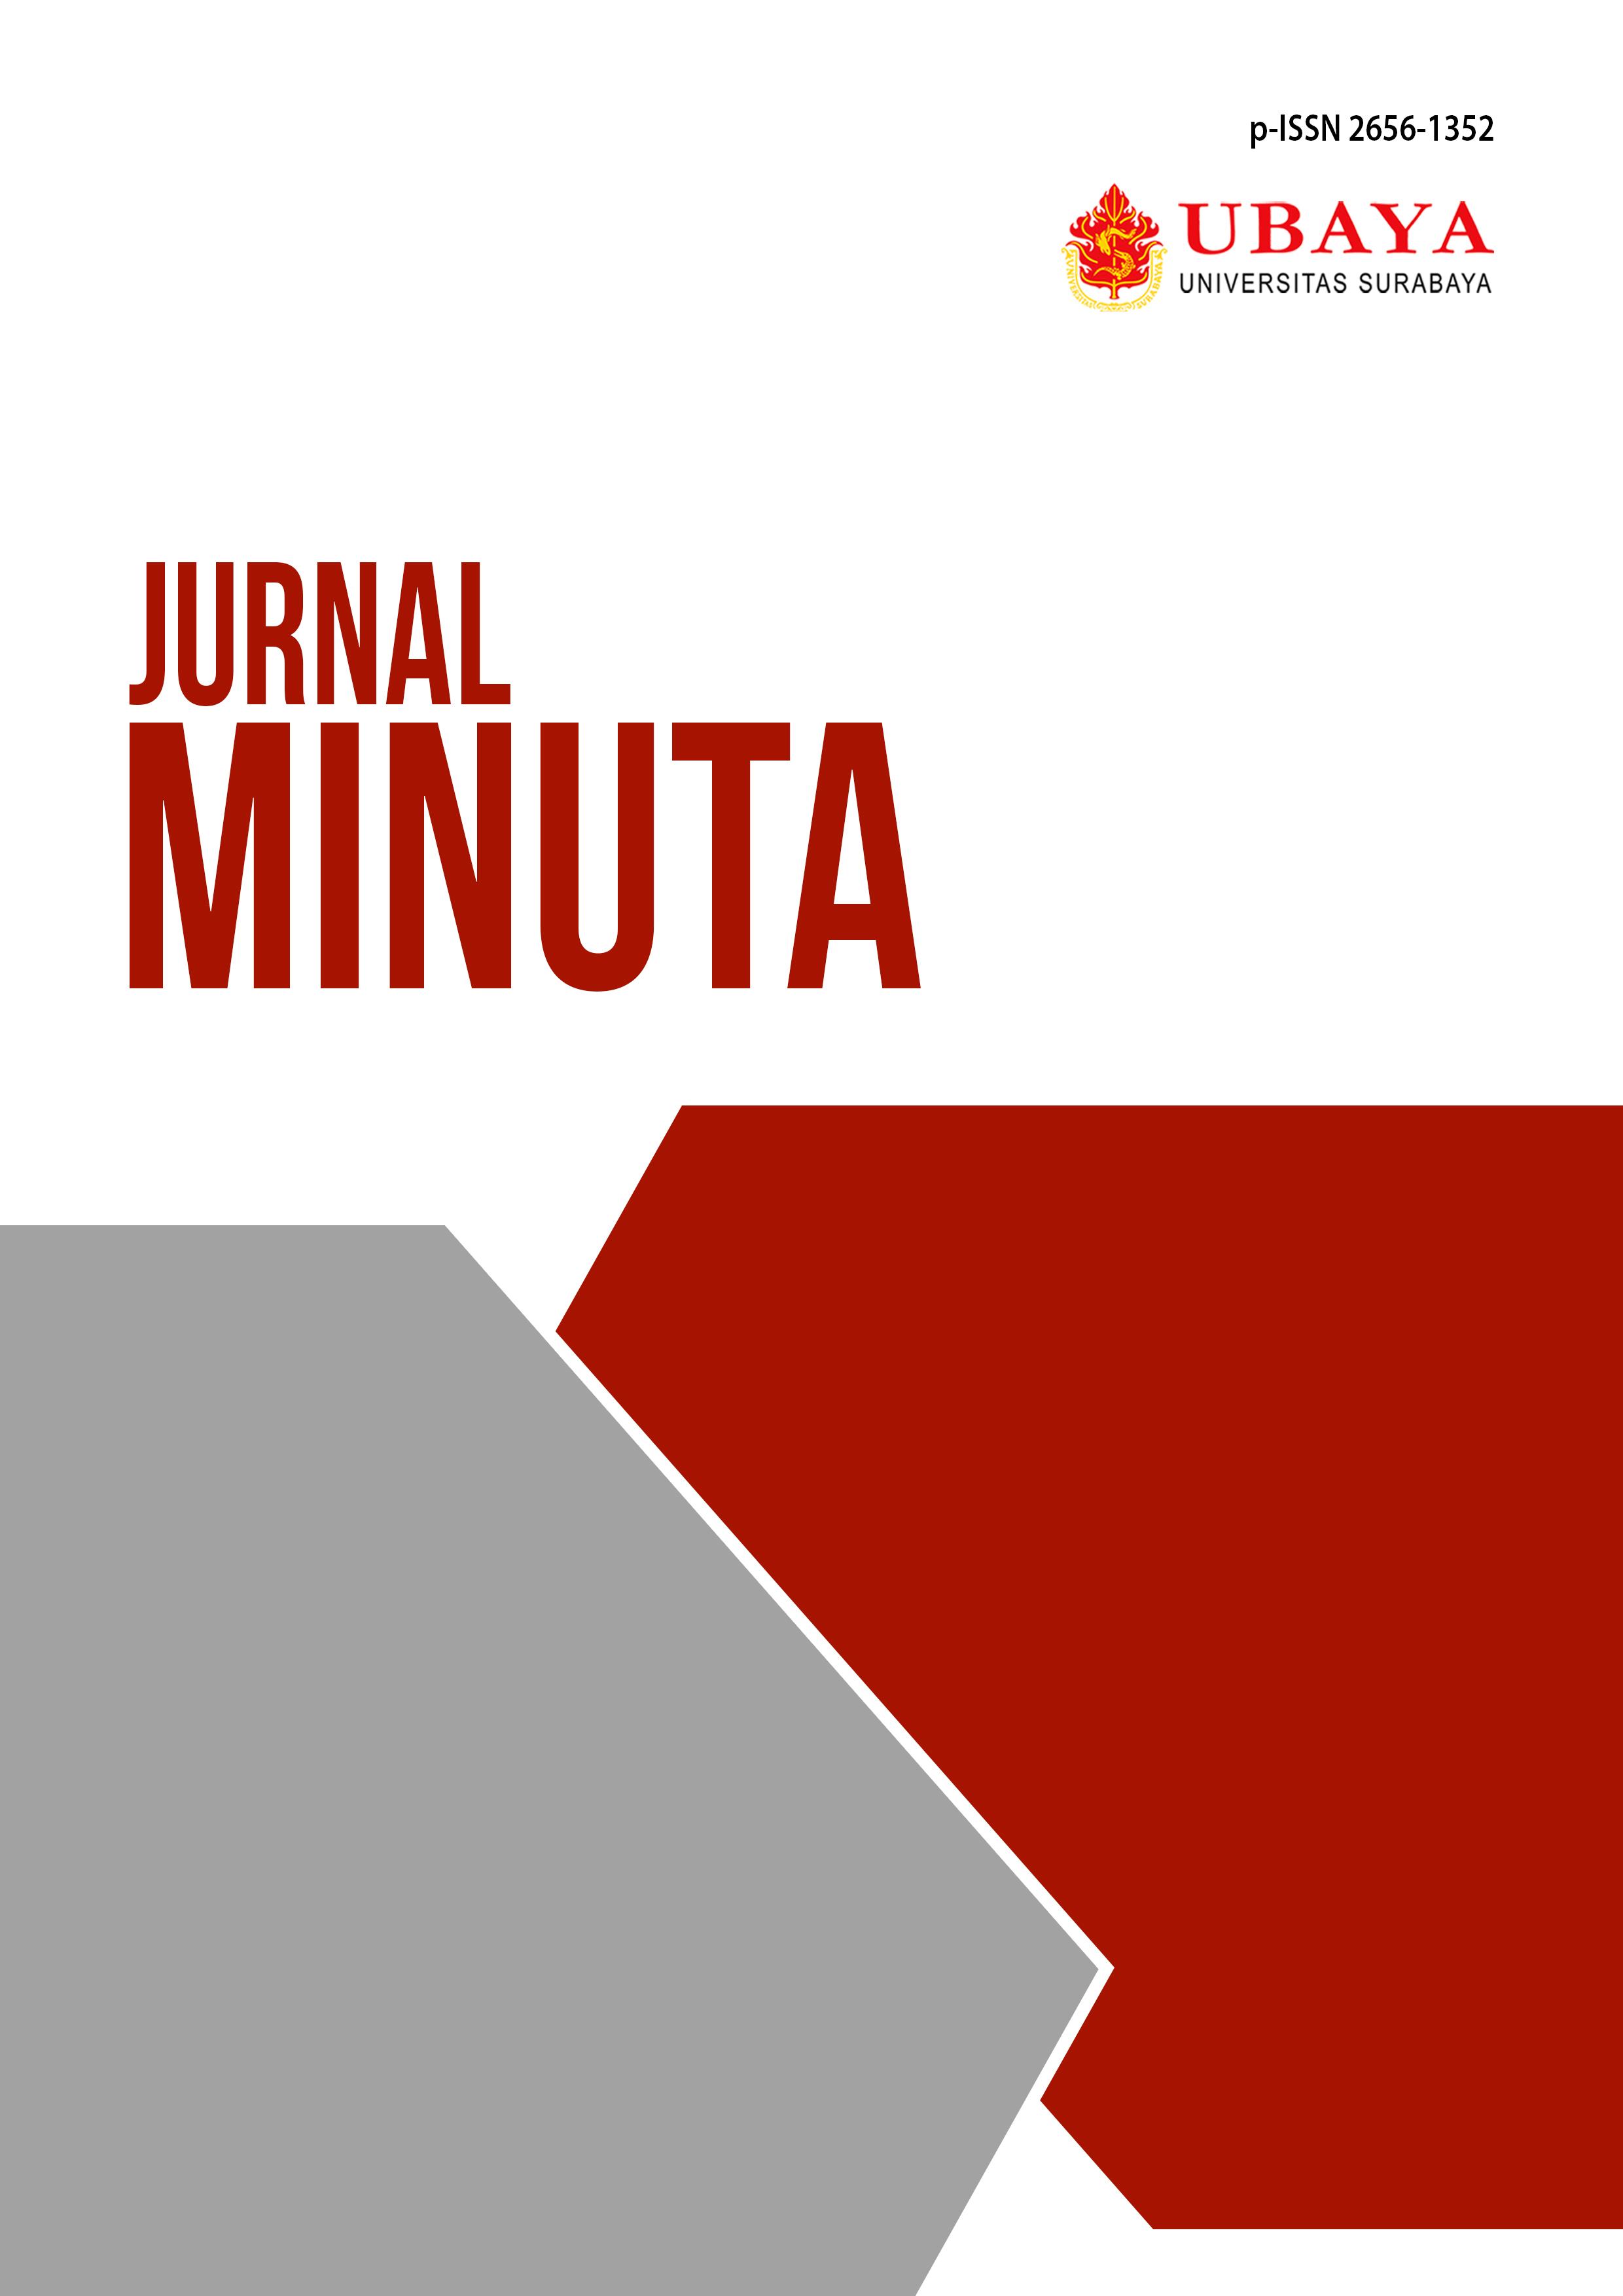 JURNAL MINUTA